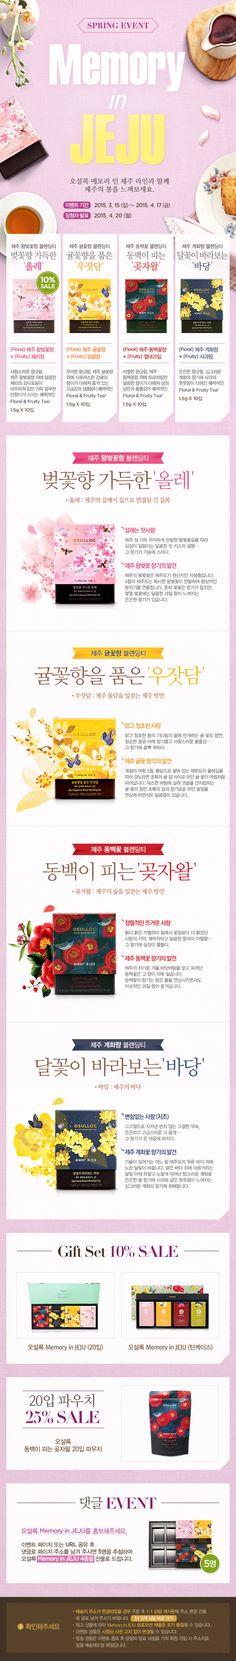 오설록 Web Design, Email Design, Page Design, Event Banner, Web Banner, Korea Design, Tea Culture, Promotional Design, Brand Promotion